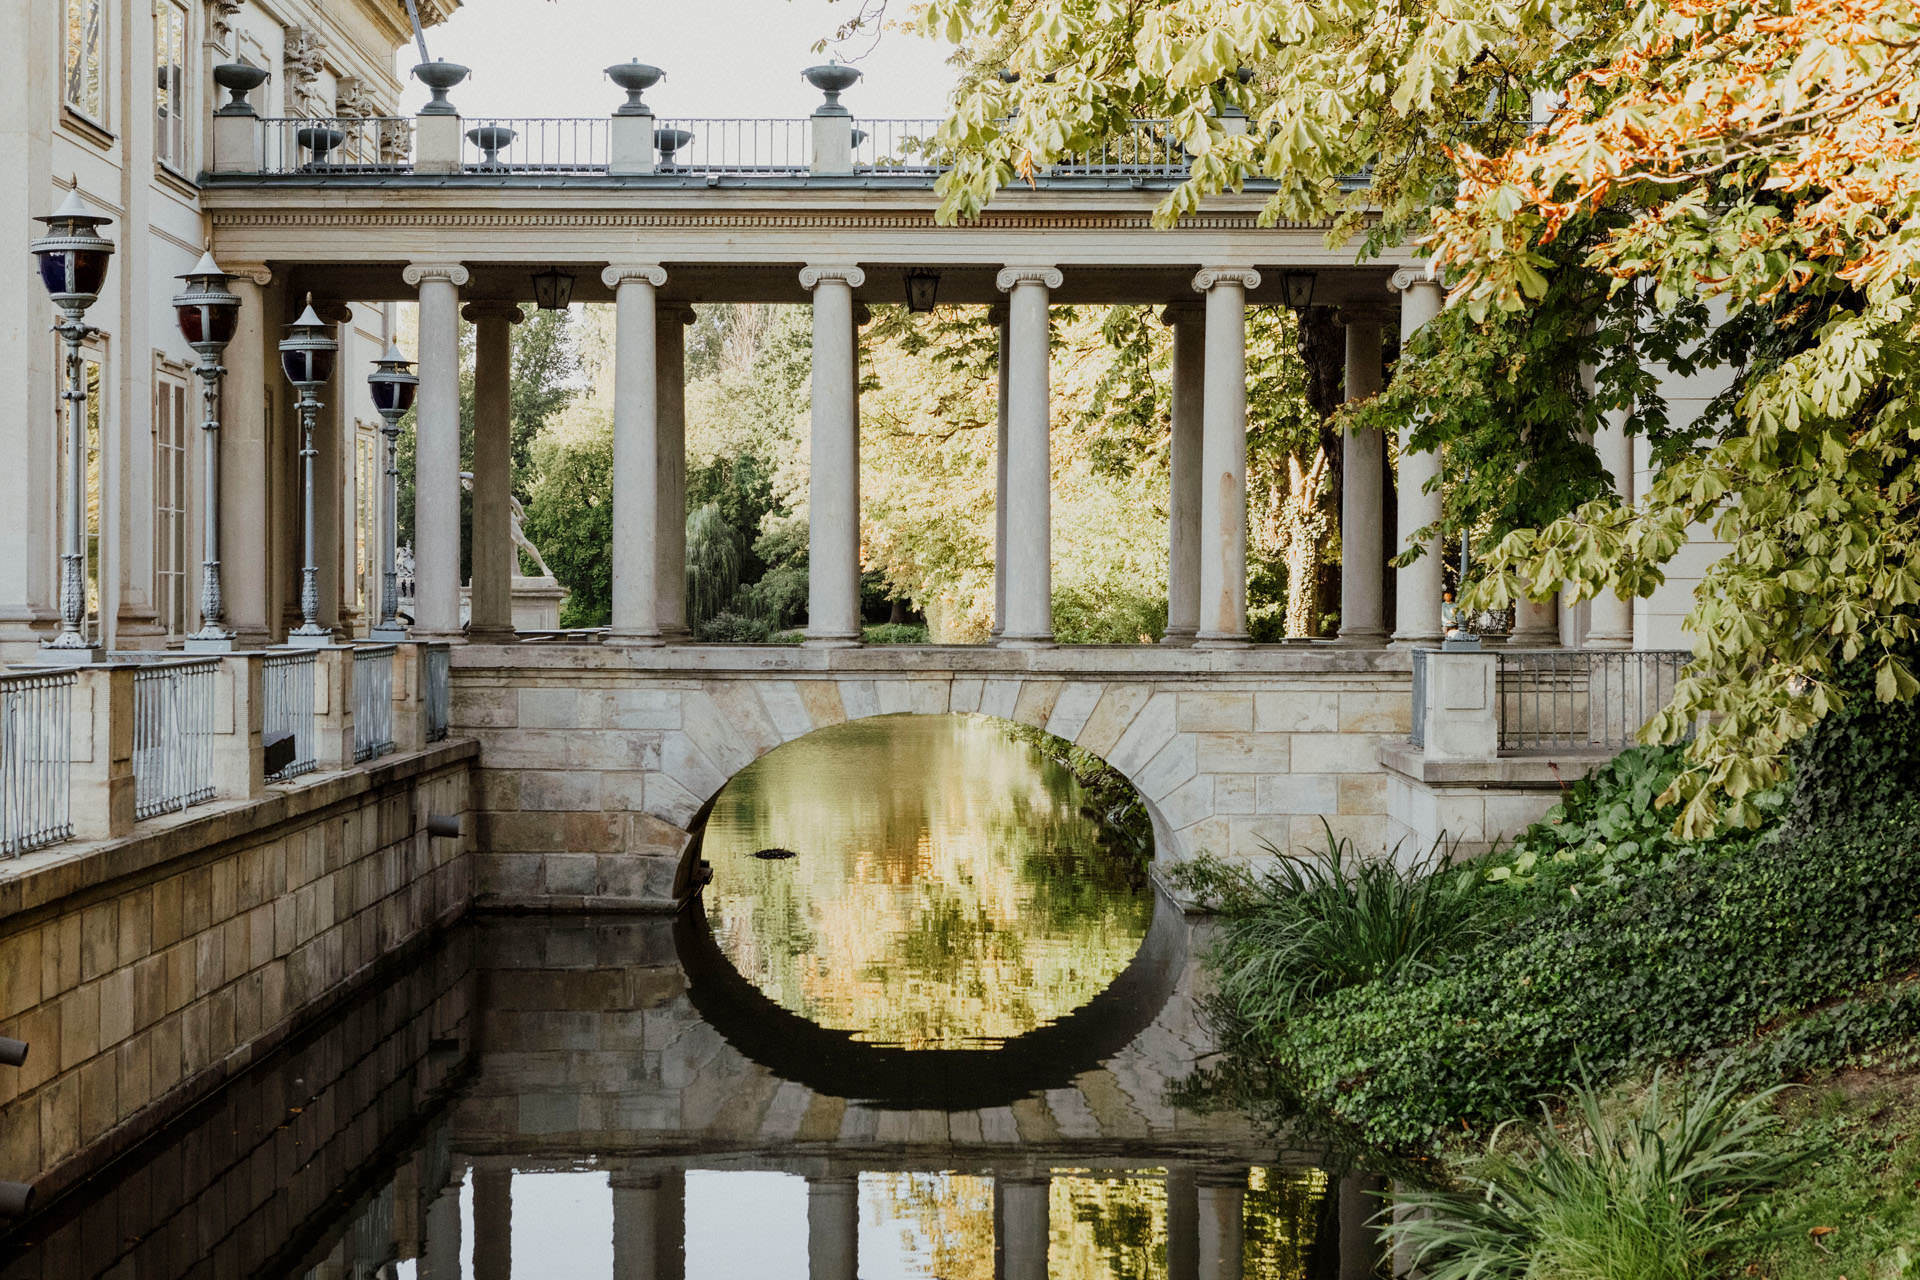 Łazienki Królewskie to świetne miejsce na plener ślubny w Warszawie